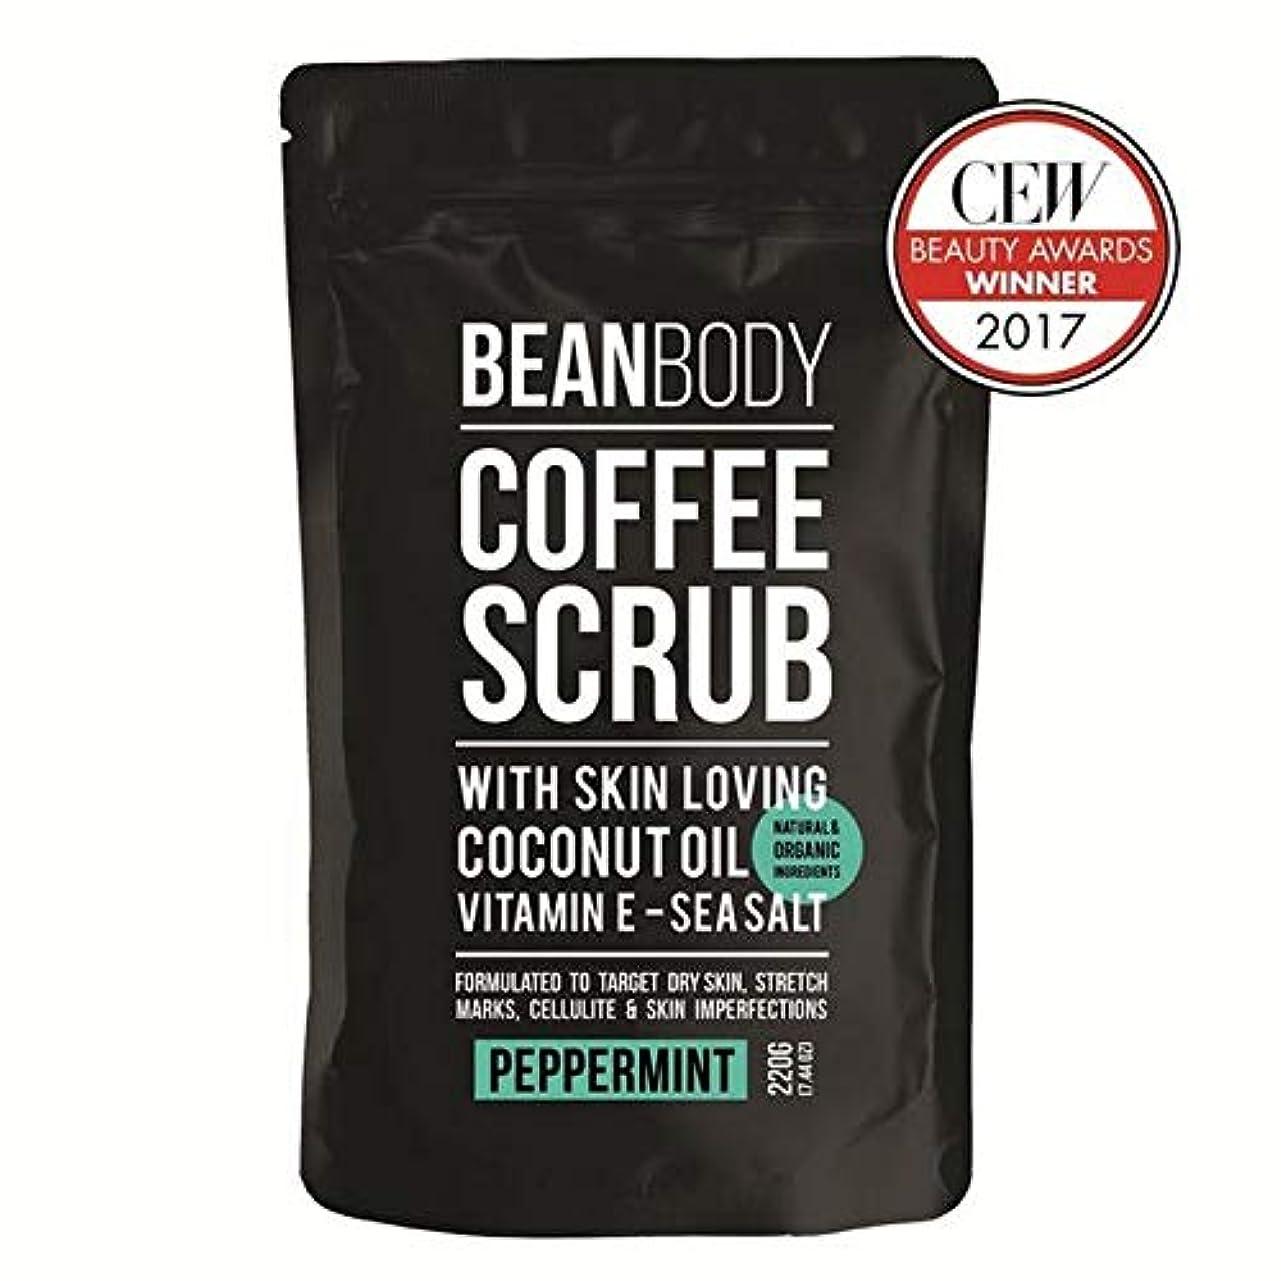 空気テロリスト出くわす[Bean Body ] 豆のボディコーヒースクラブ、ペパーミント220グラム - Bean Body Coffee Scrub, Peppermint 220g [並行輸入品]